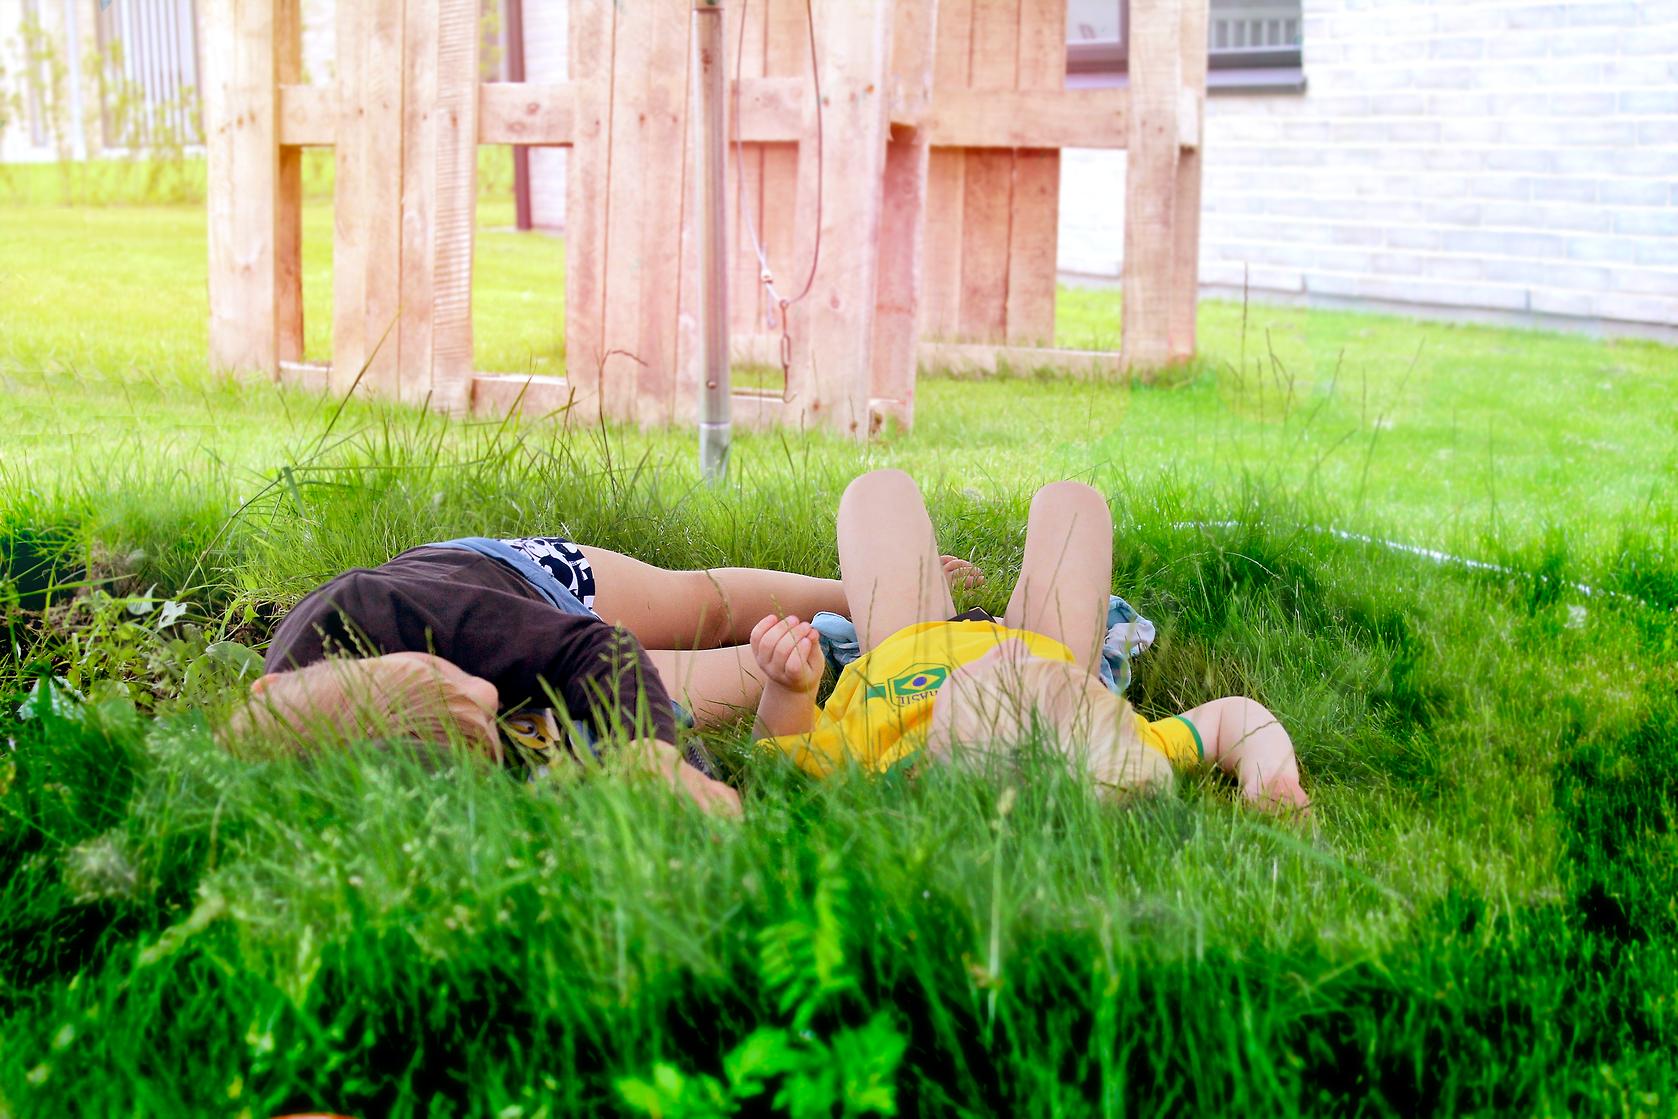 Billederedigering og stille eftermiddage i baghaven